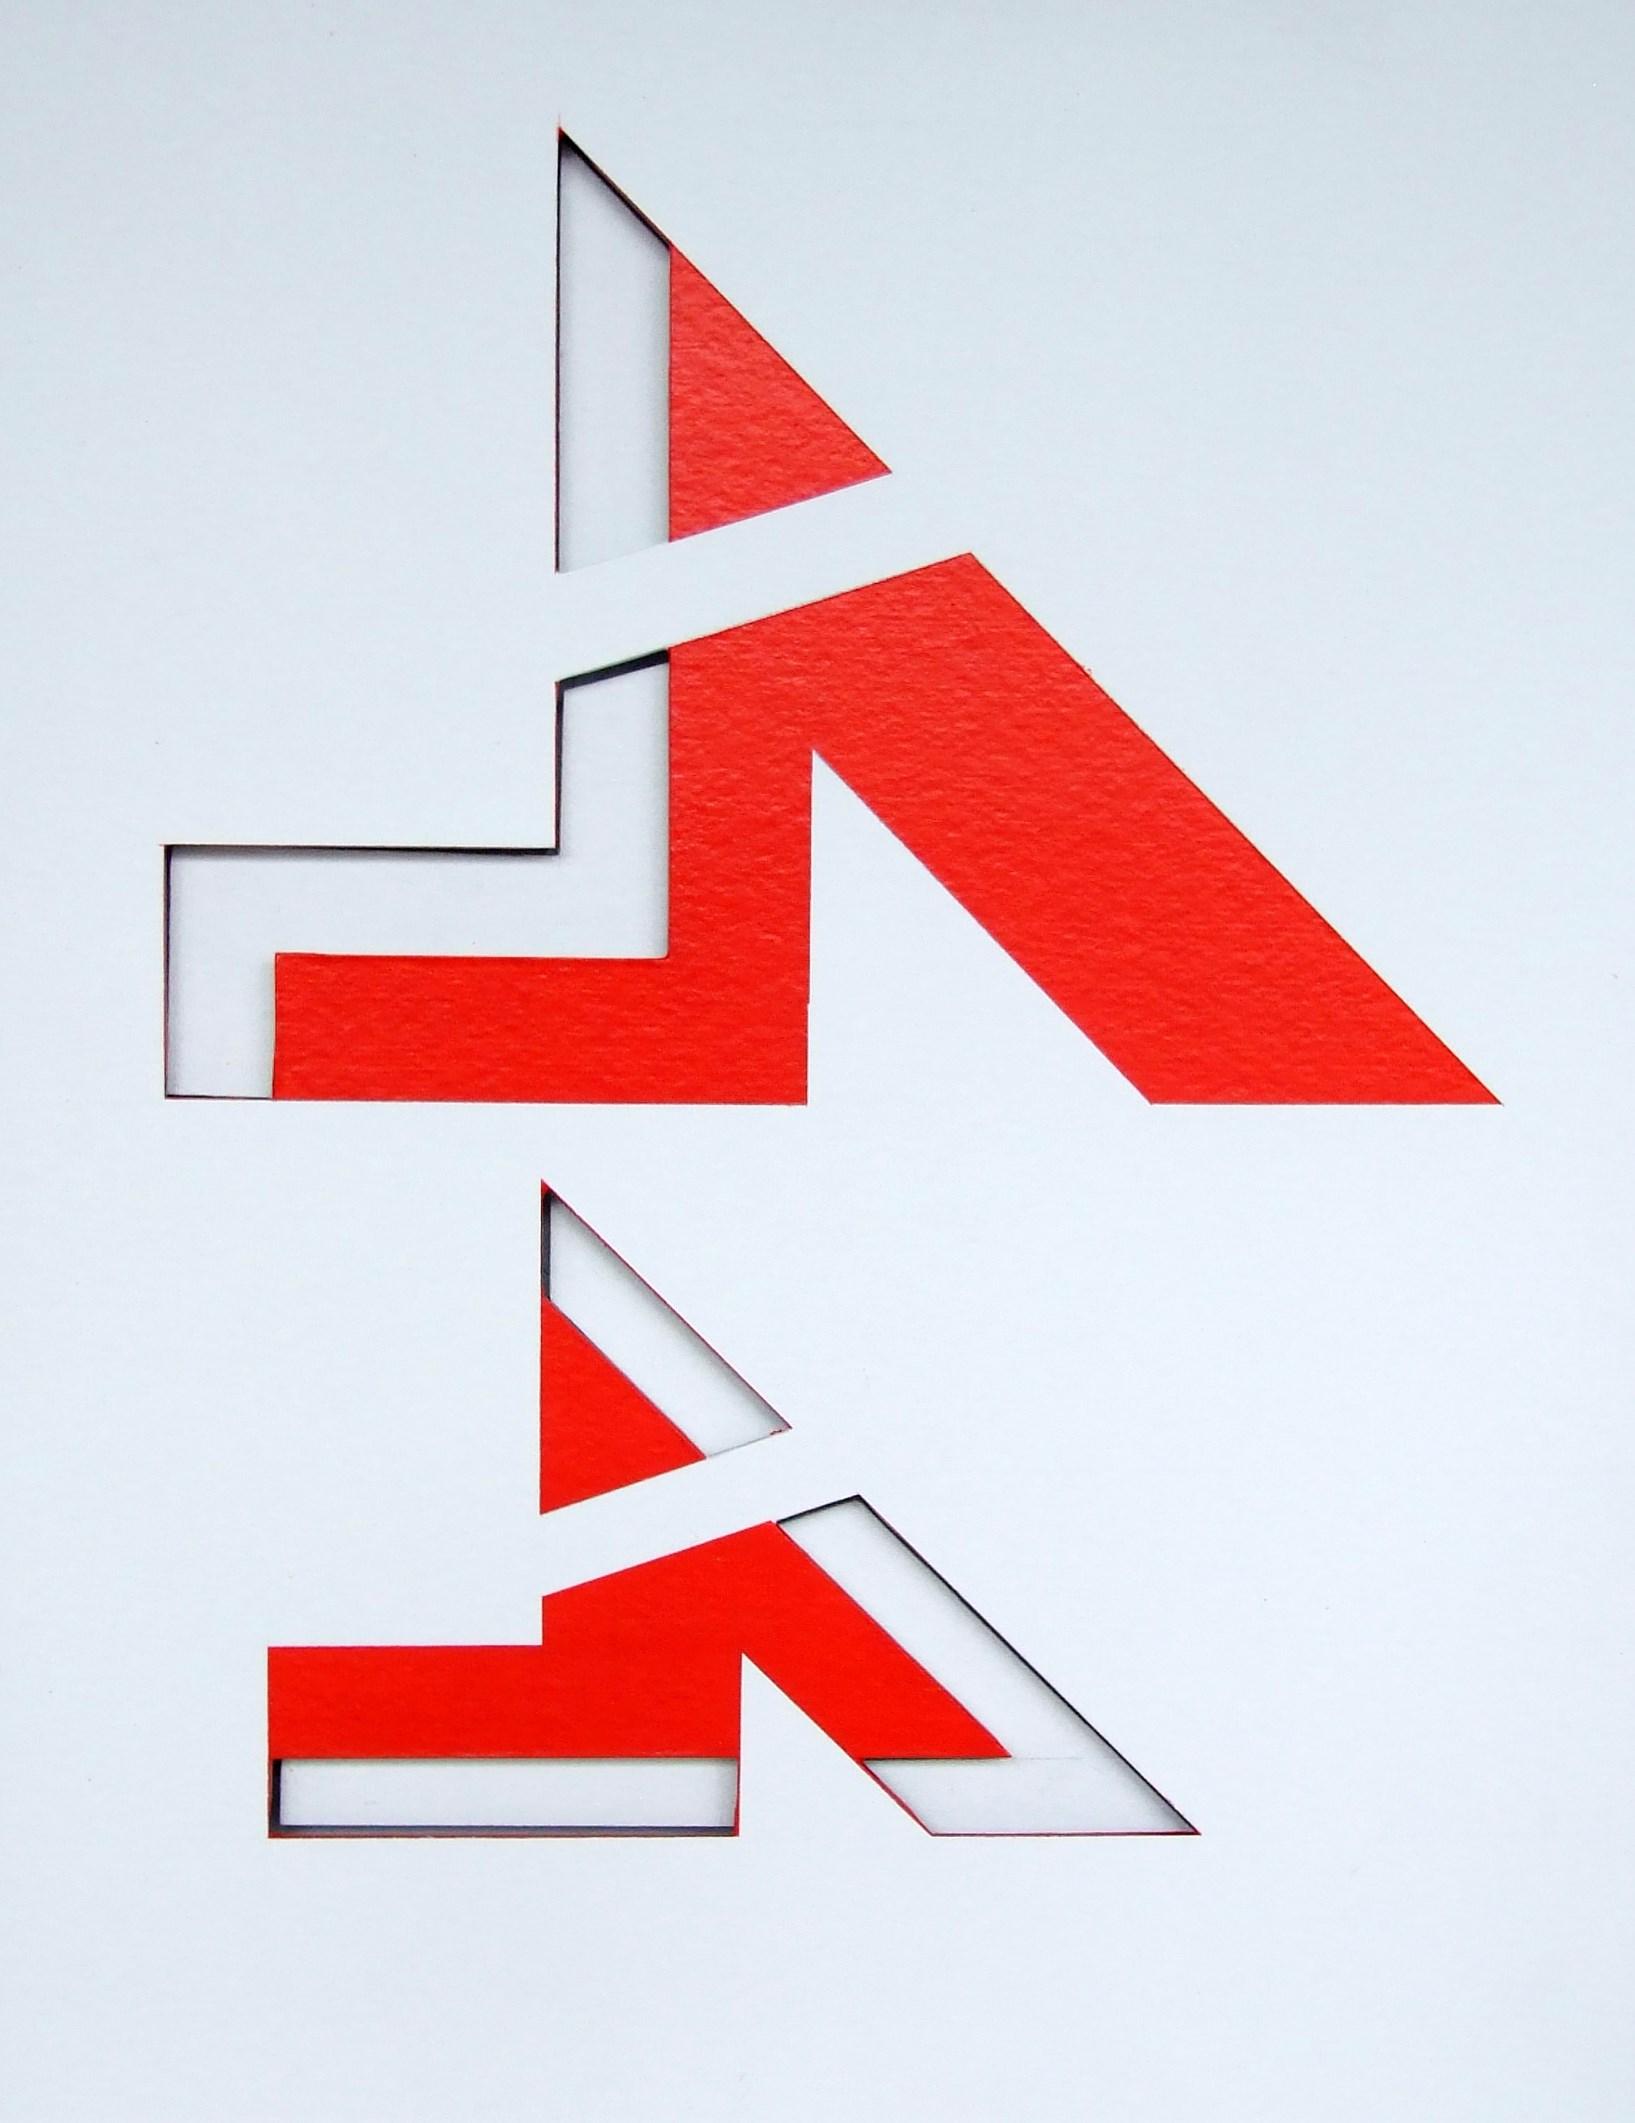 Sans titre artwork by Roger BENSASSON - art listed for sale on Artplode